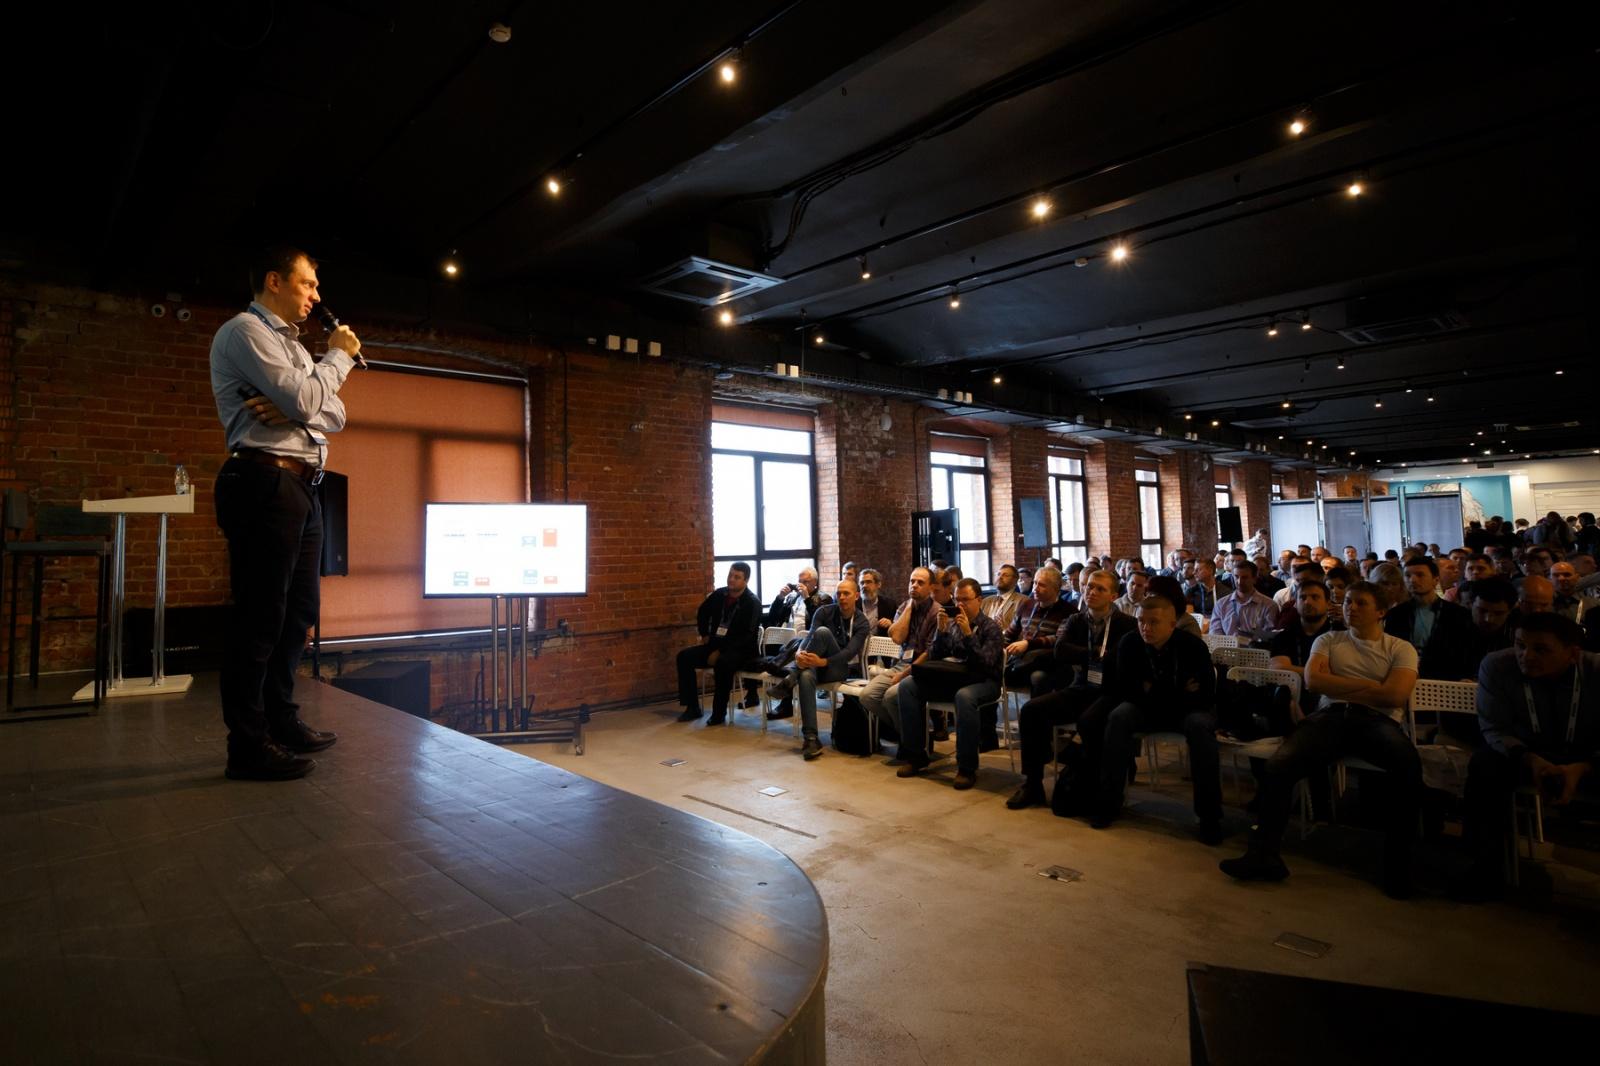 Конференция ПРОSTOR 2018: вопросы и ответы про будущее СХД - 21